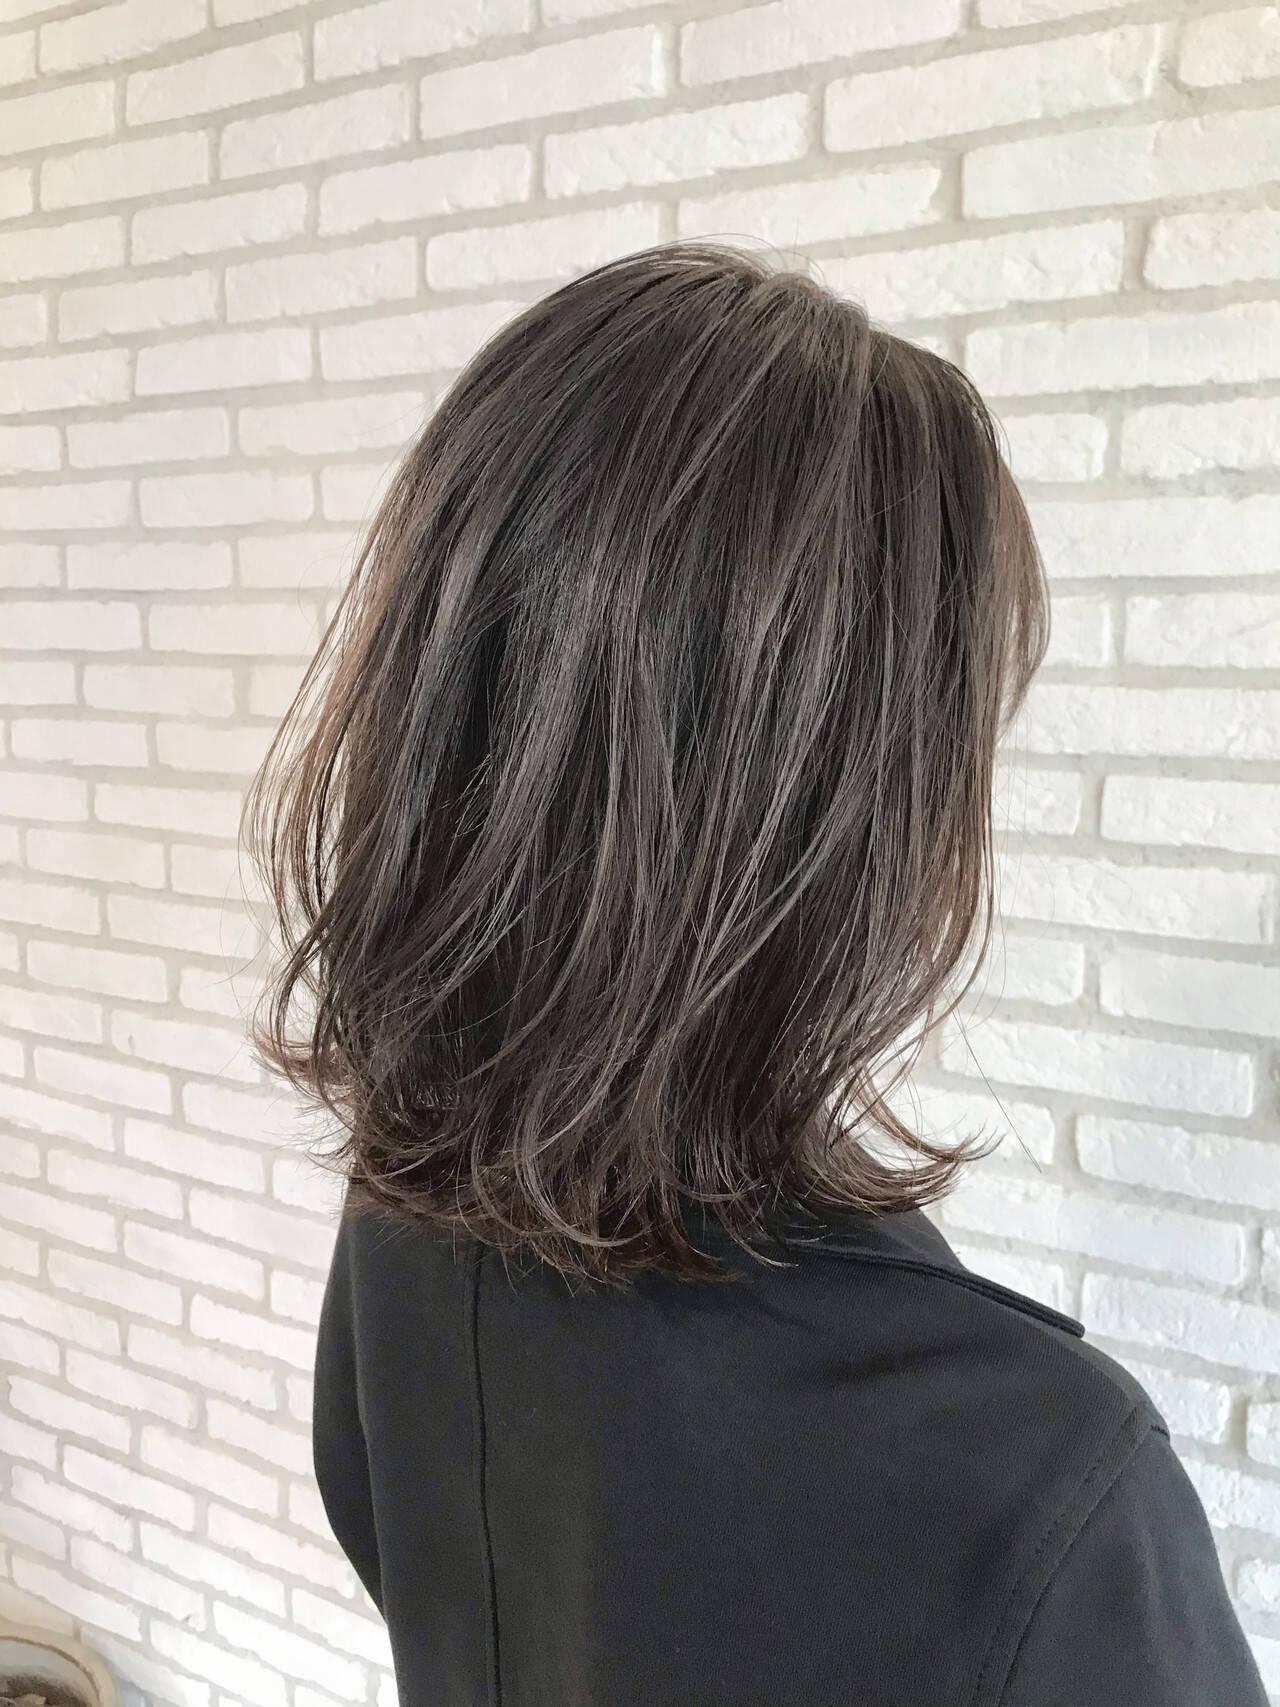 ミディアム 前髪 ベリーショート ストレートヘアスタイルや髪型の写真・画像